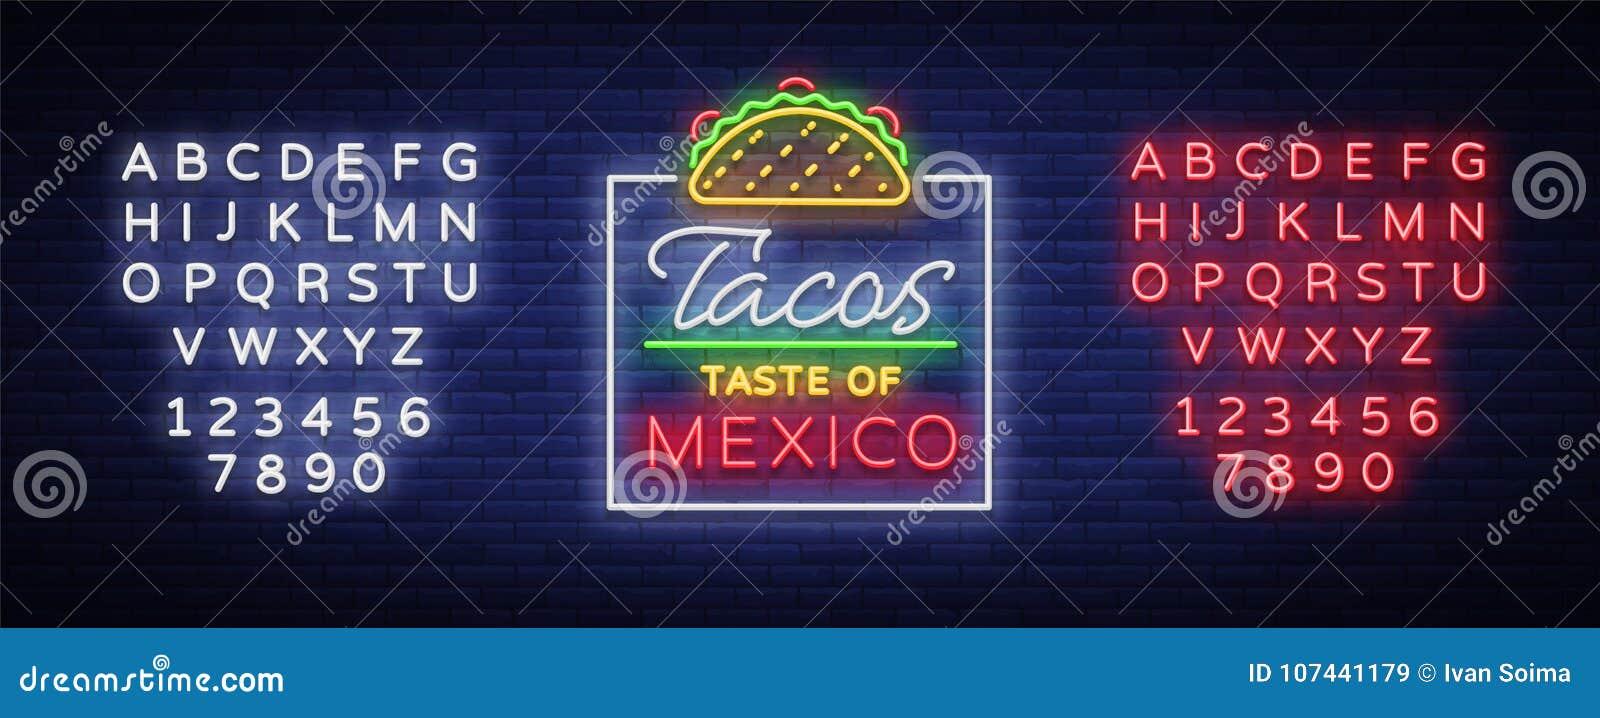 炸玉米饼商标传染媒介 在墨西哥食物,炸玉米饼,街道食物,快餐,快餐的霓虹灯广告 明亮的霓虹广告牌,发光